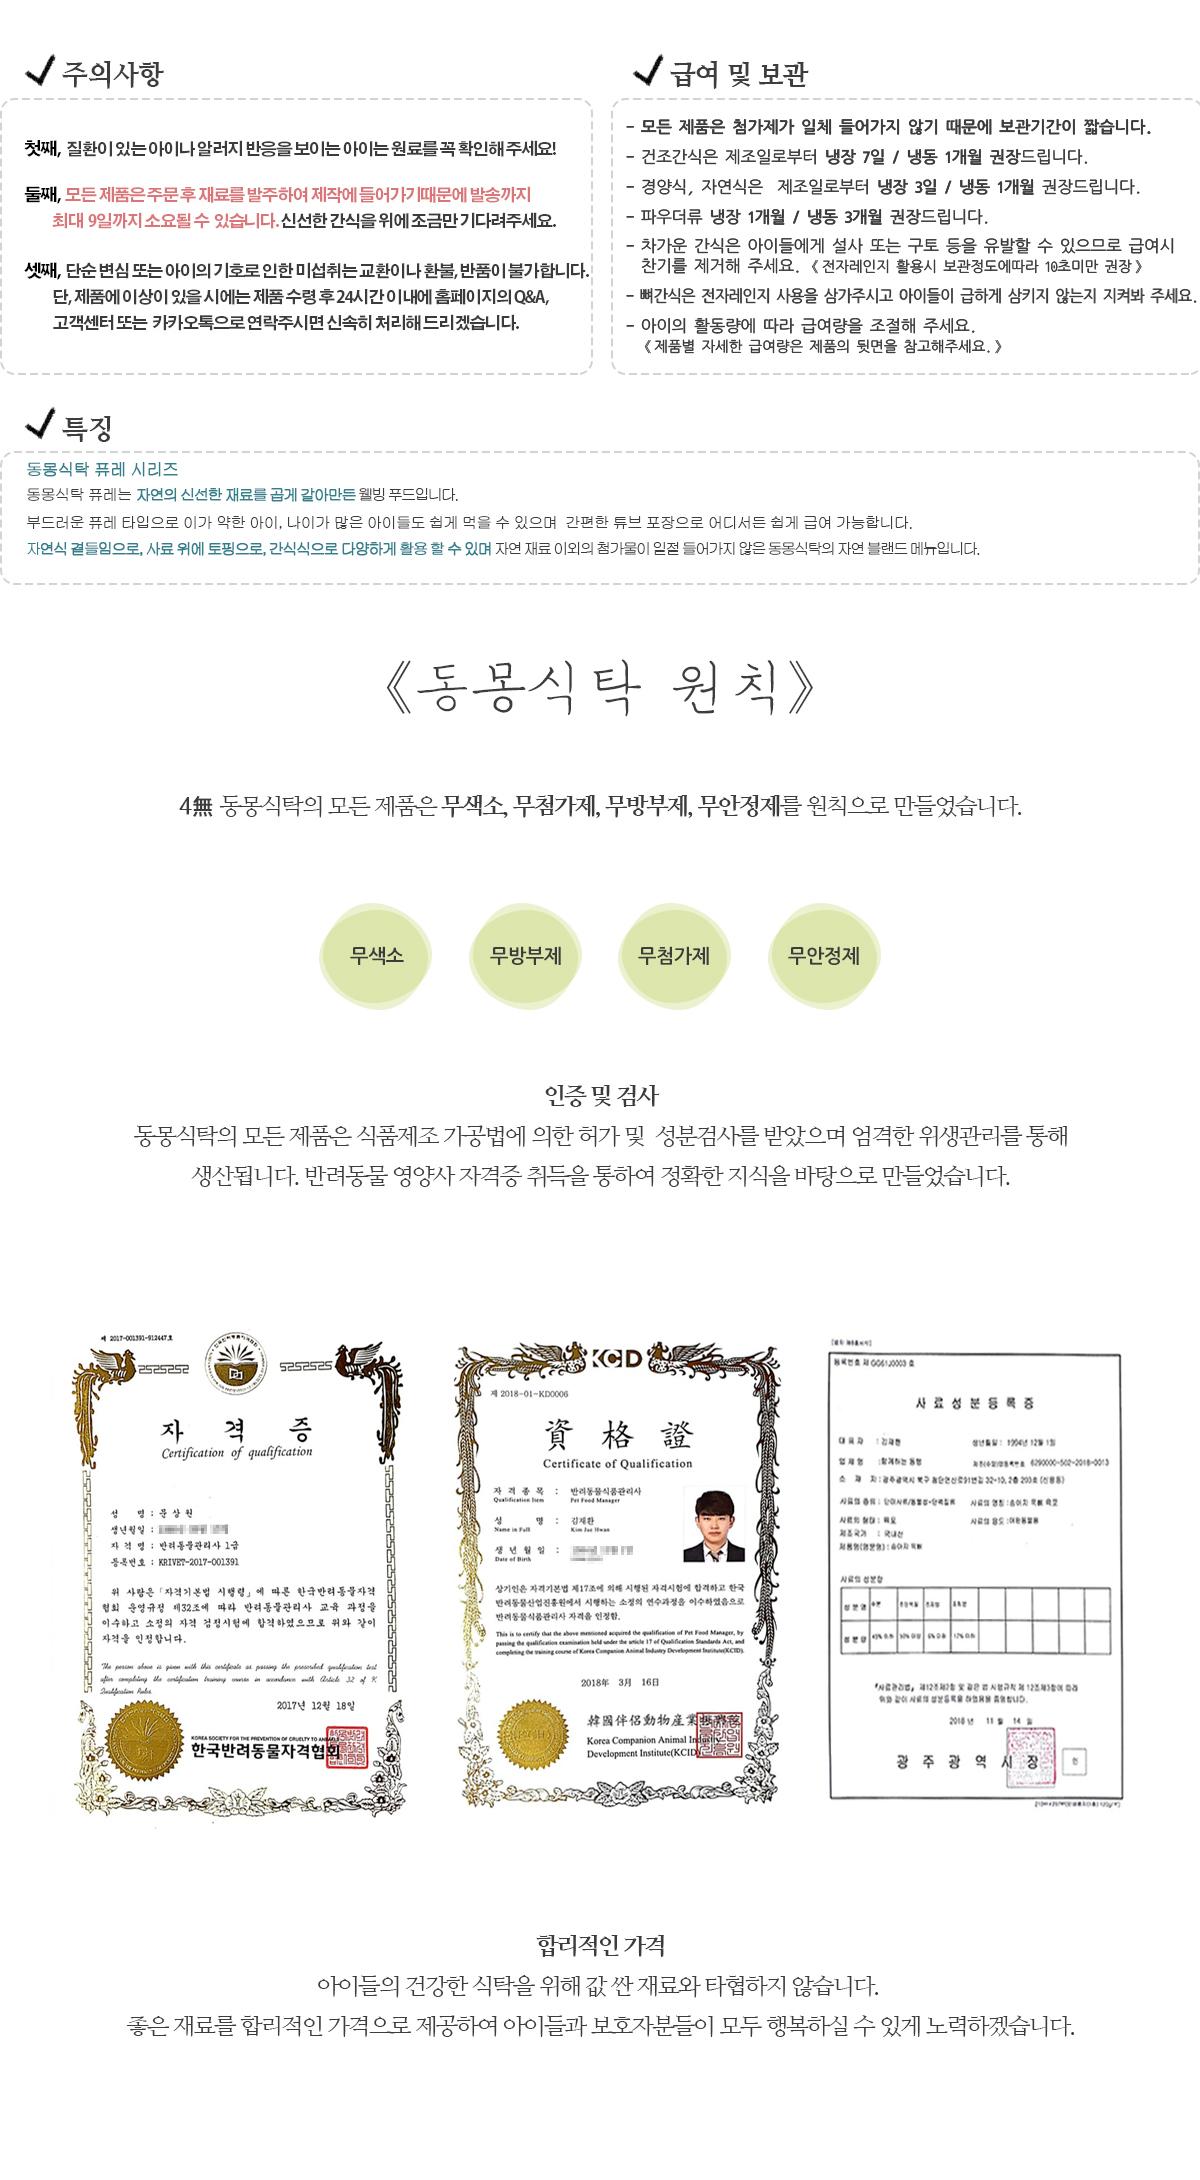 강아지 수제간식 닭가슴살 육포 100g - 동몽식탁, 9,500원, 간식/영양제, 수제간식